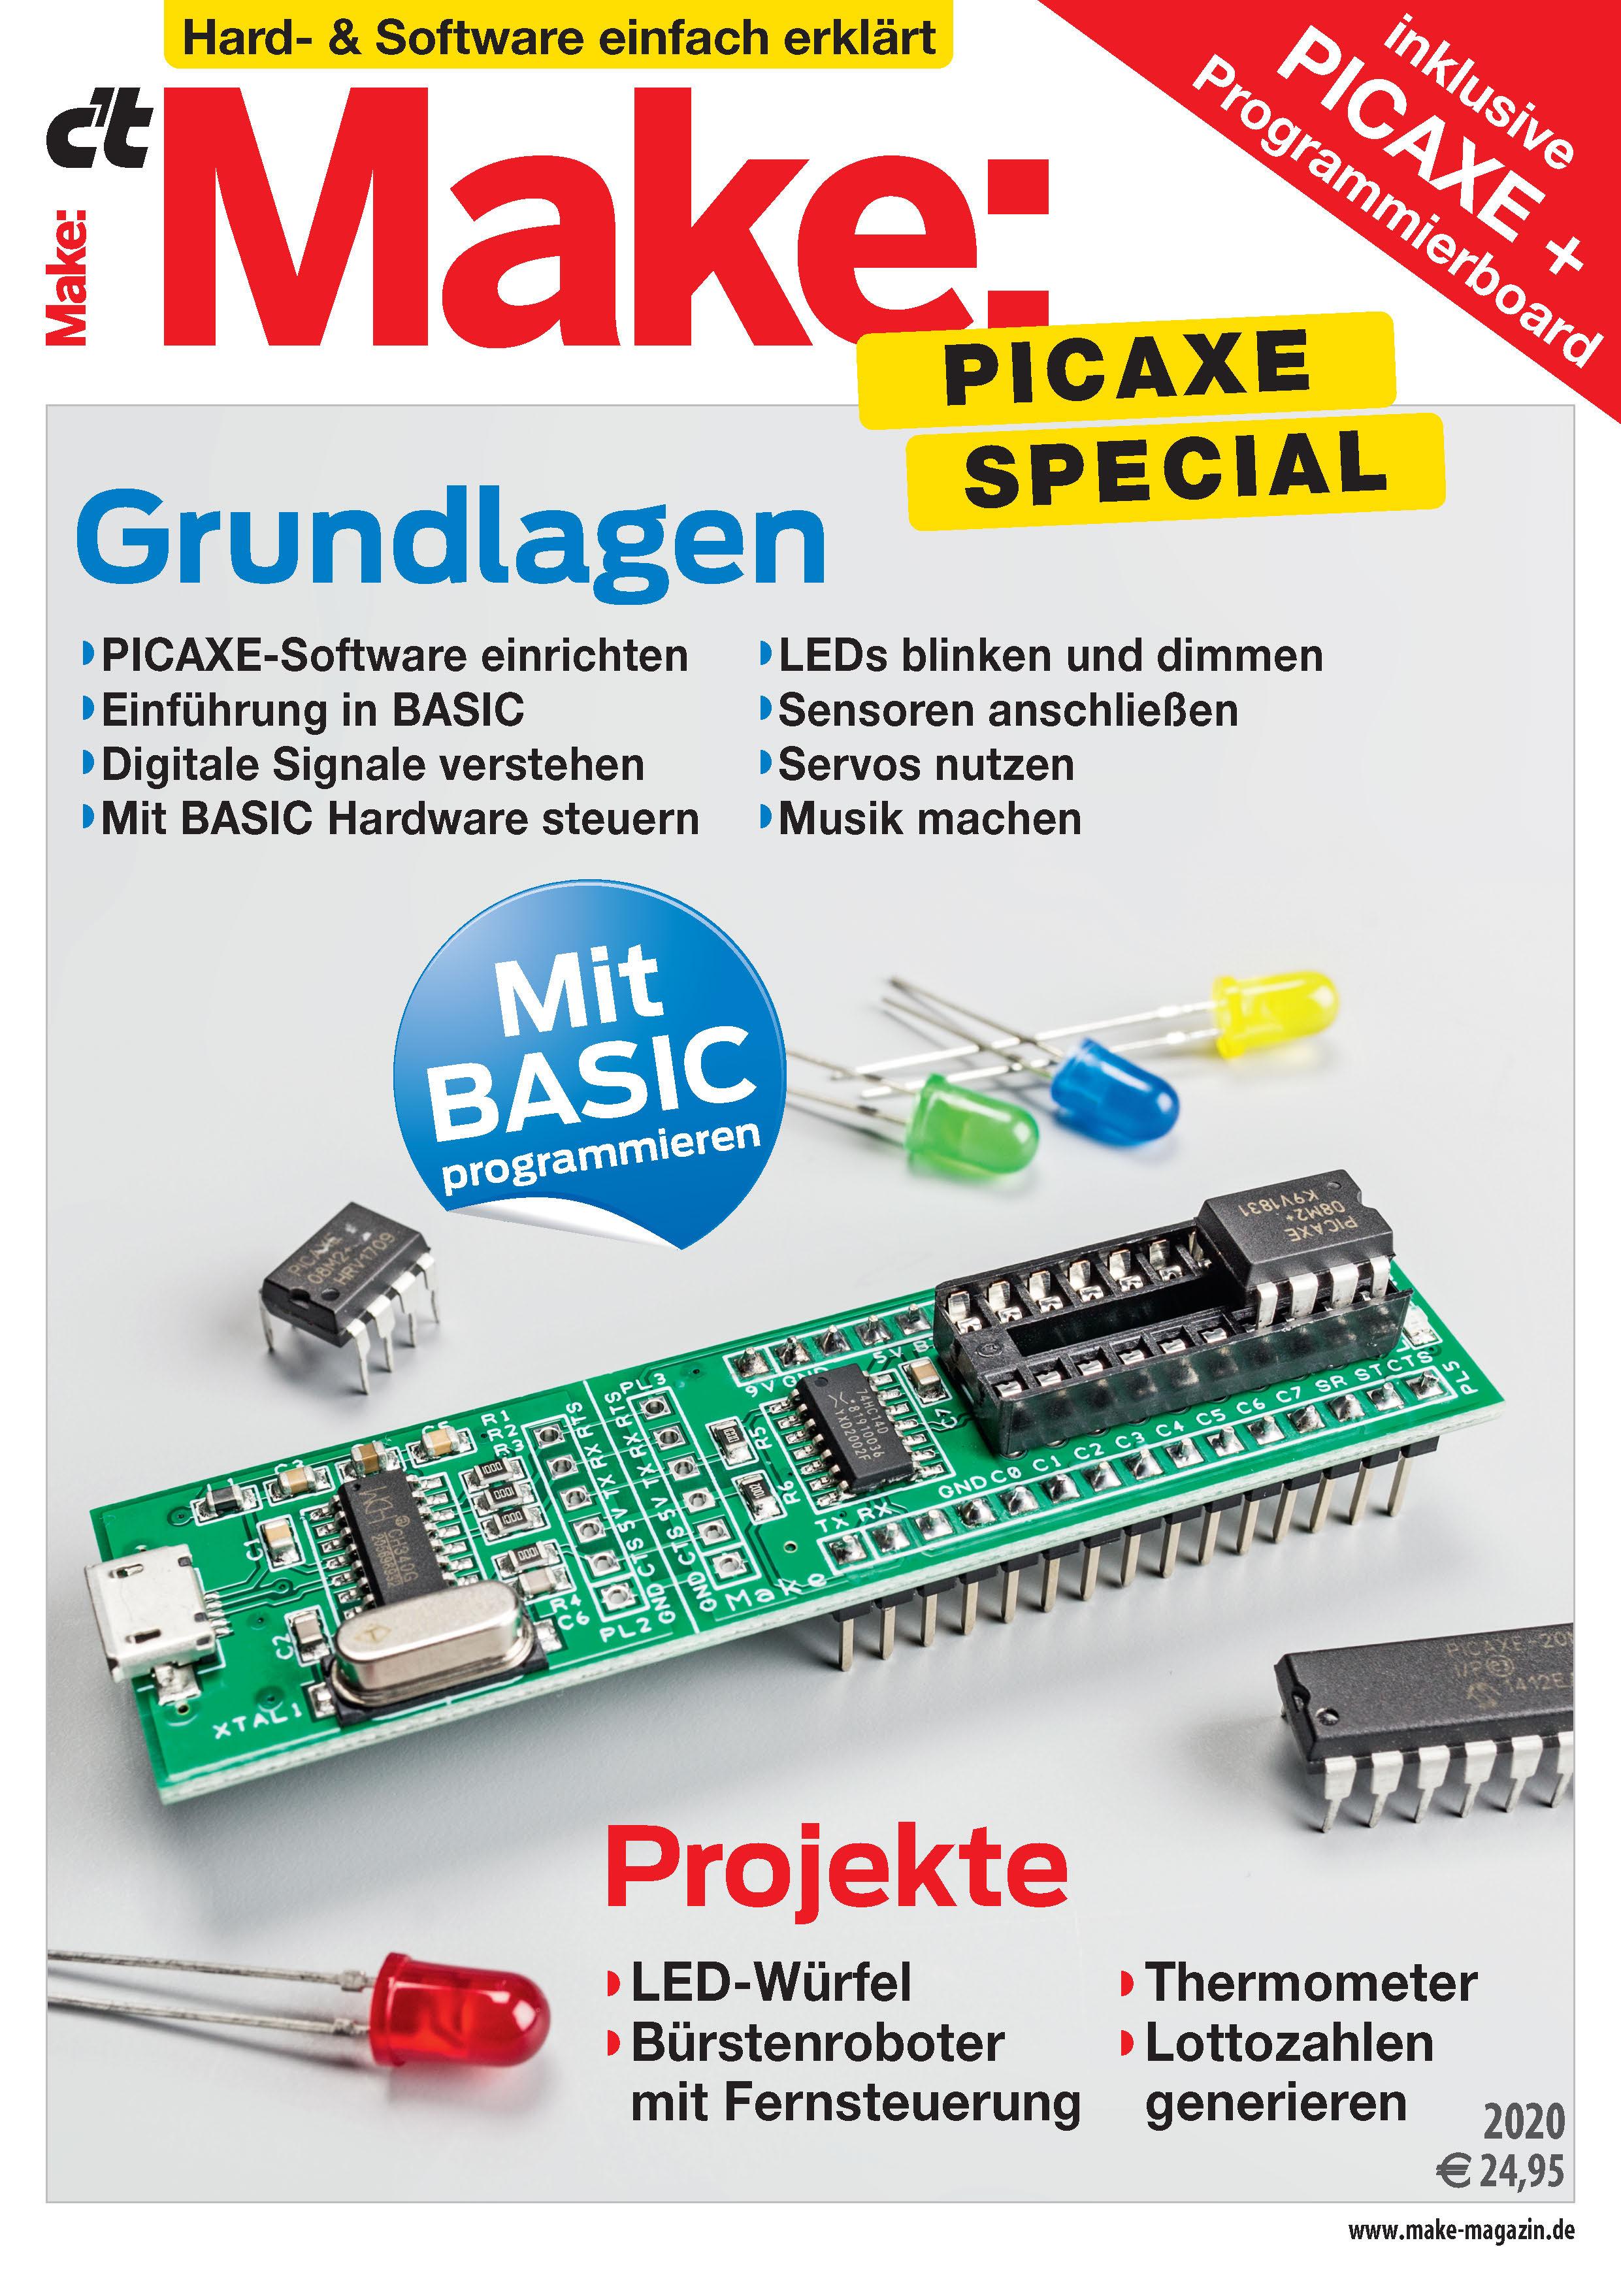 Make PICAXE Special 2020 inkl. Nano-Axe-Board + PICAXE-08M2